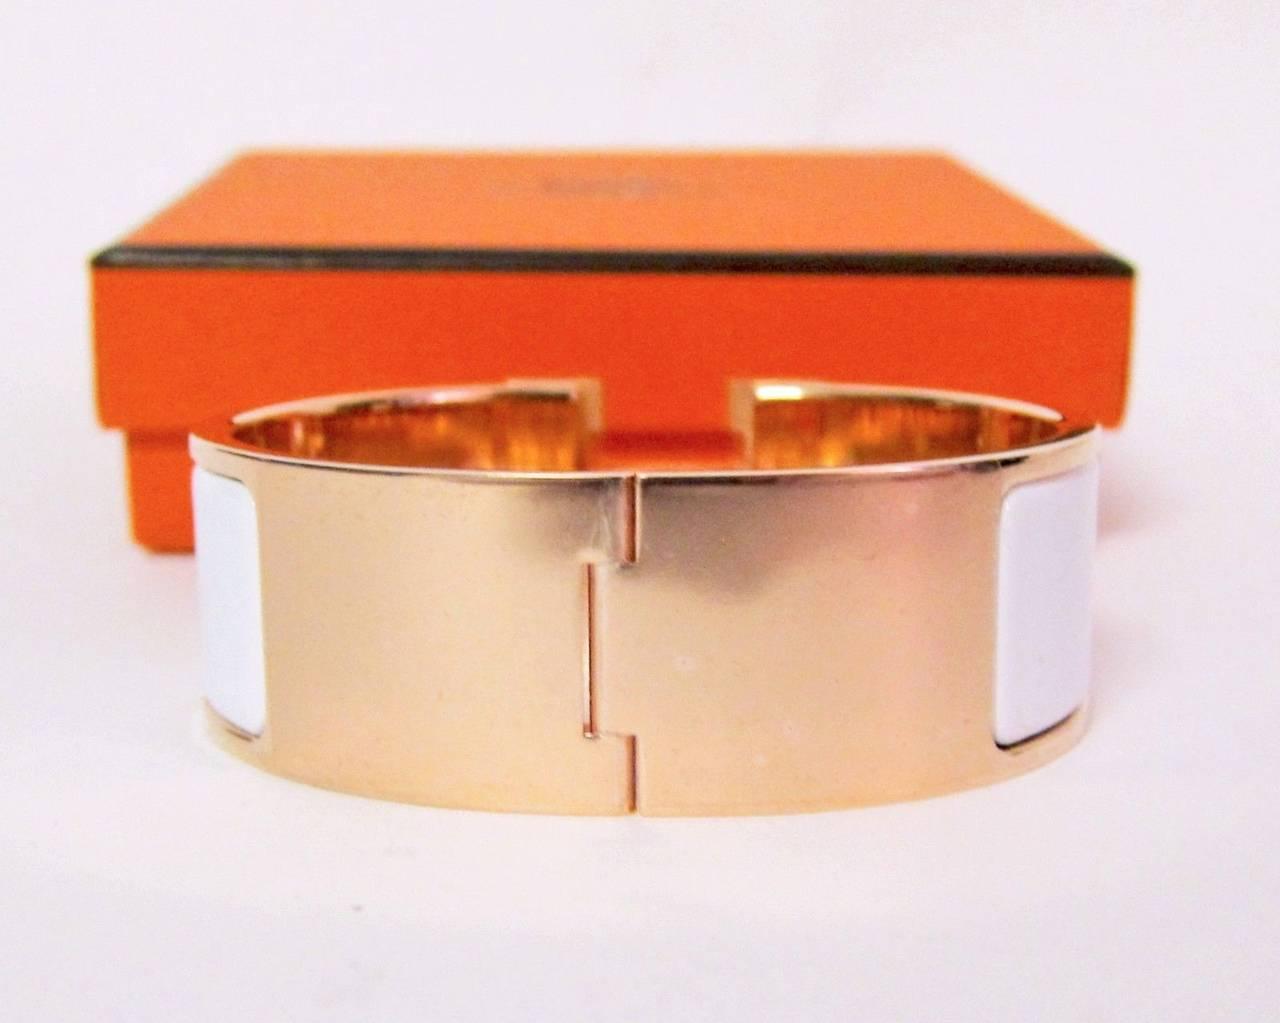 hermes white clic clac enamel bracelet with rose gold hardware at 1stdibs. Black Bedroom Furniture Sets. Home Design Ideas